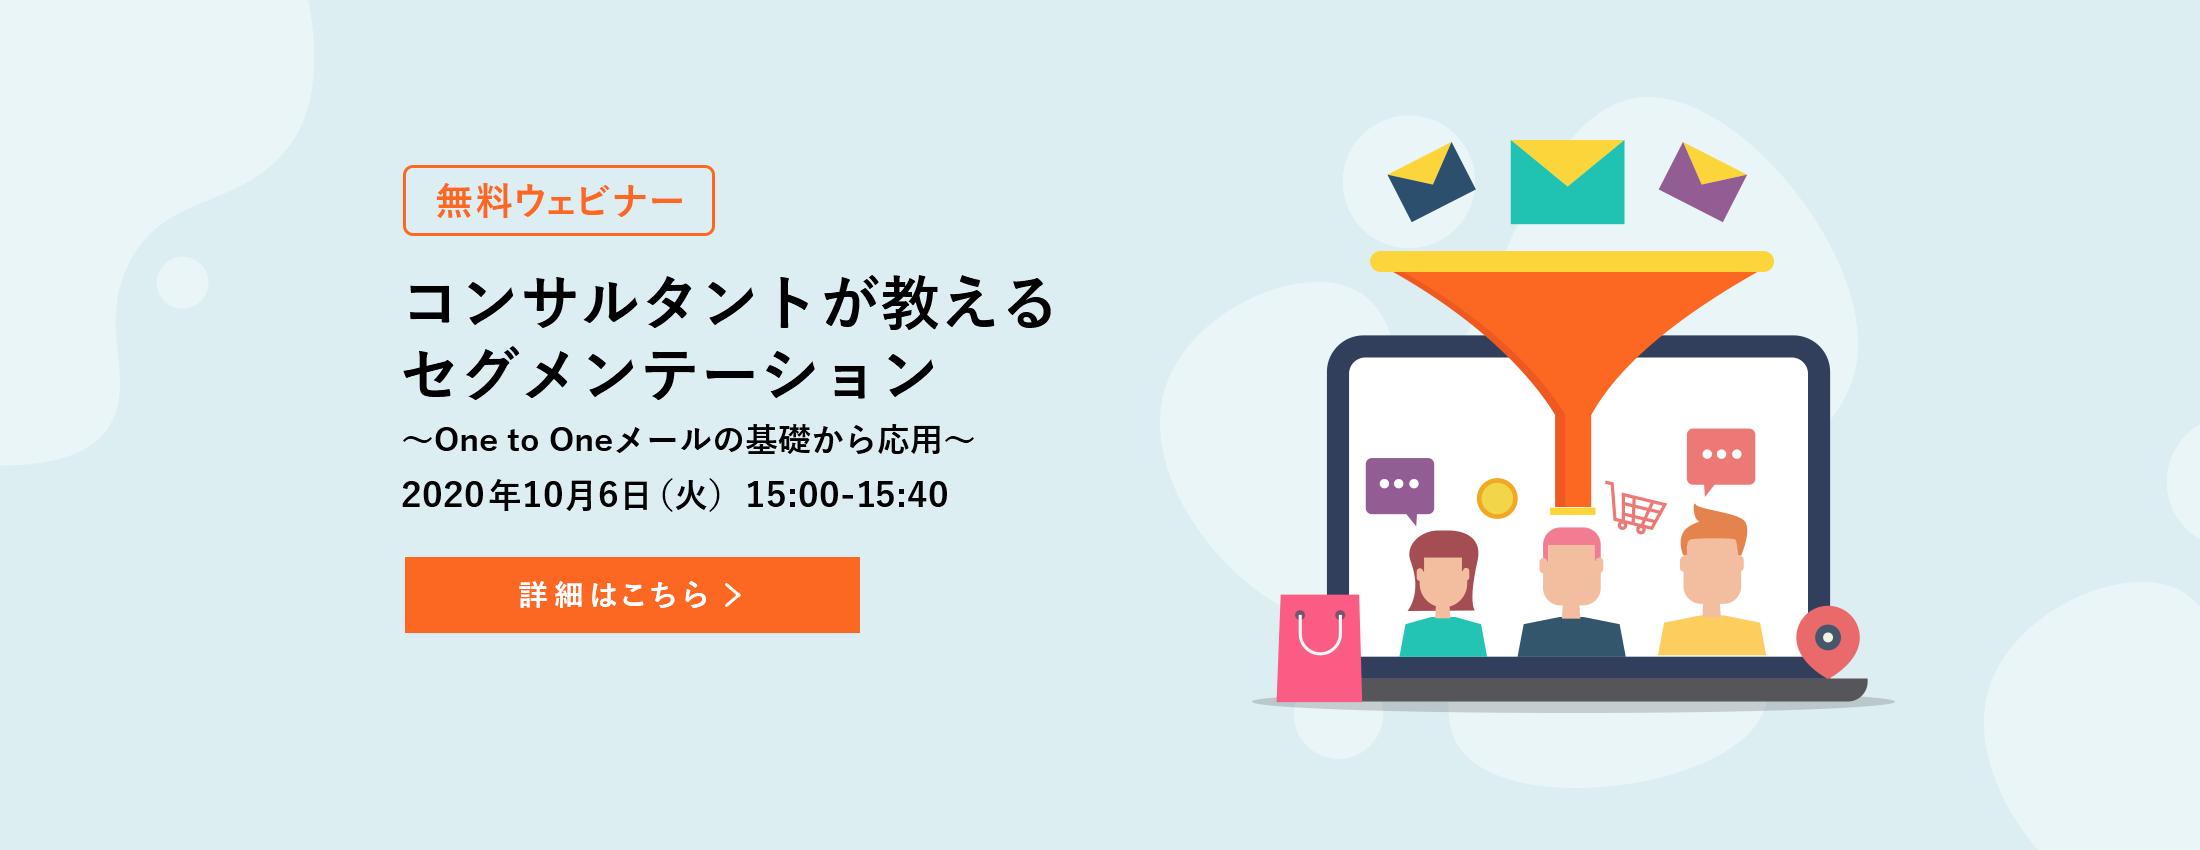 無料ウェビナー コンサルタントが教えるセグメンテーション ~One to Oneメールの基礎から応用~ 2020年10月6日(火)14:00-14:40開催